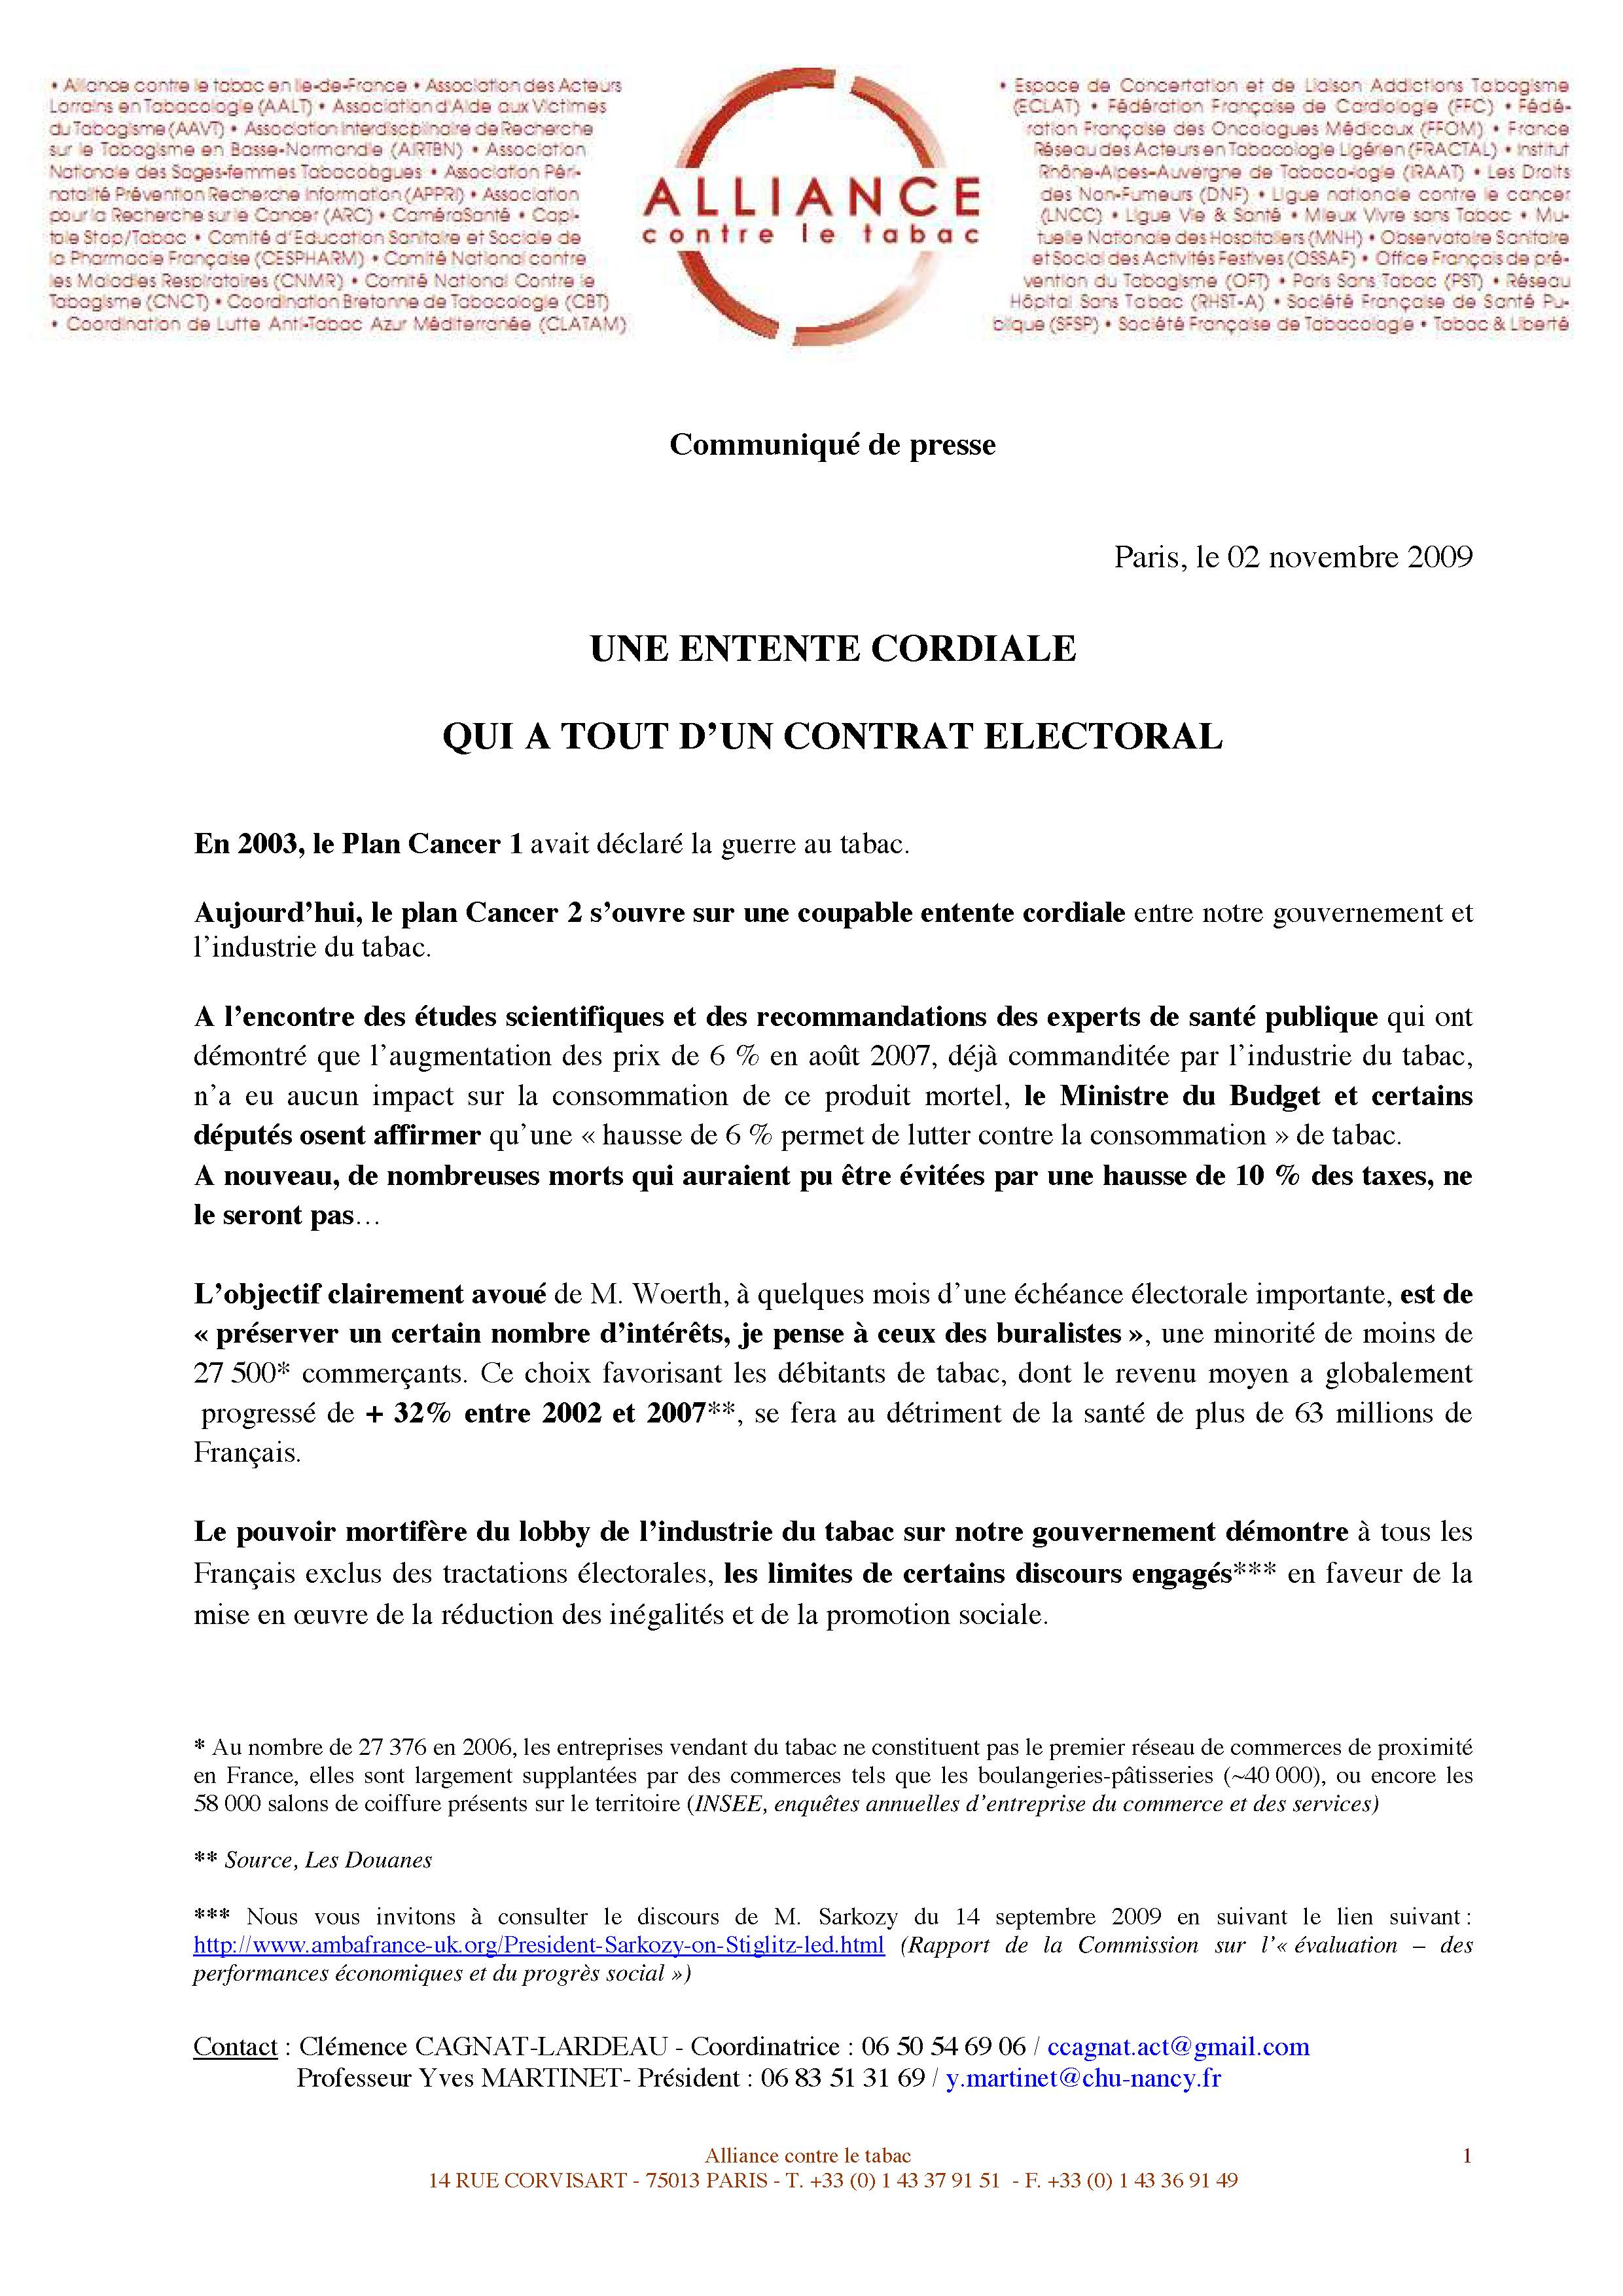 Alliance-CP_lancement-plan-cancer-2-une-entente-cordiale-qui-a-tout-d-un-contrat-electoral-02nov2009.jpg